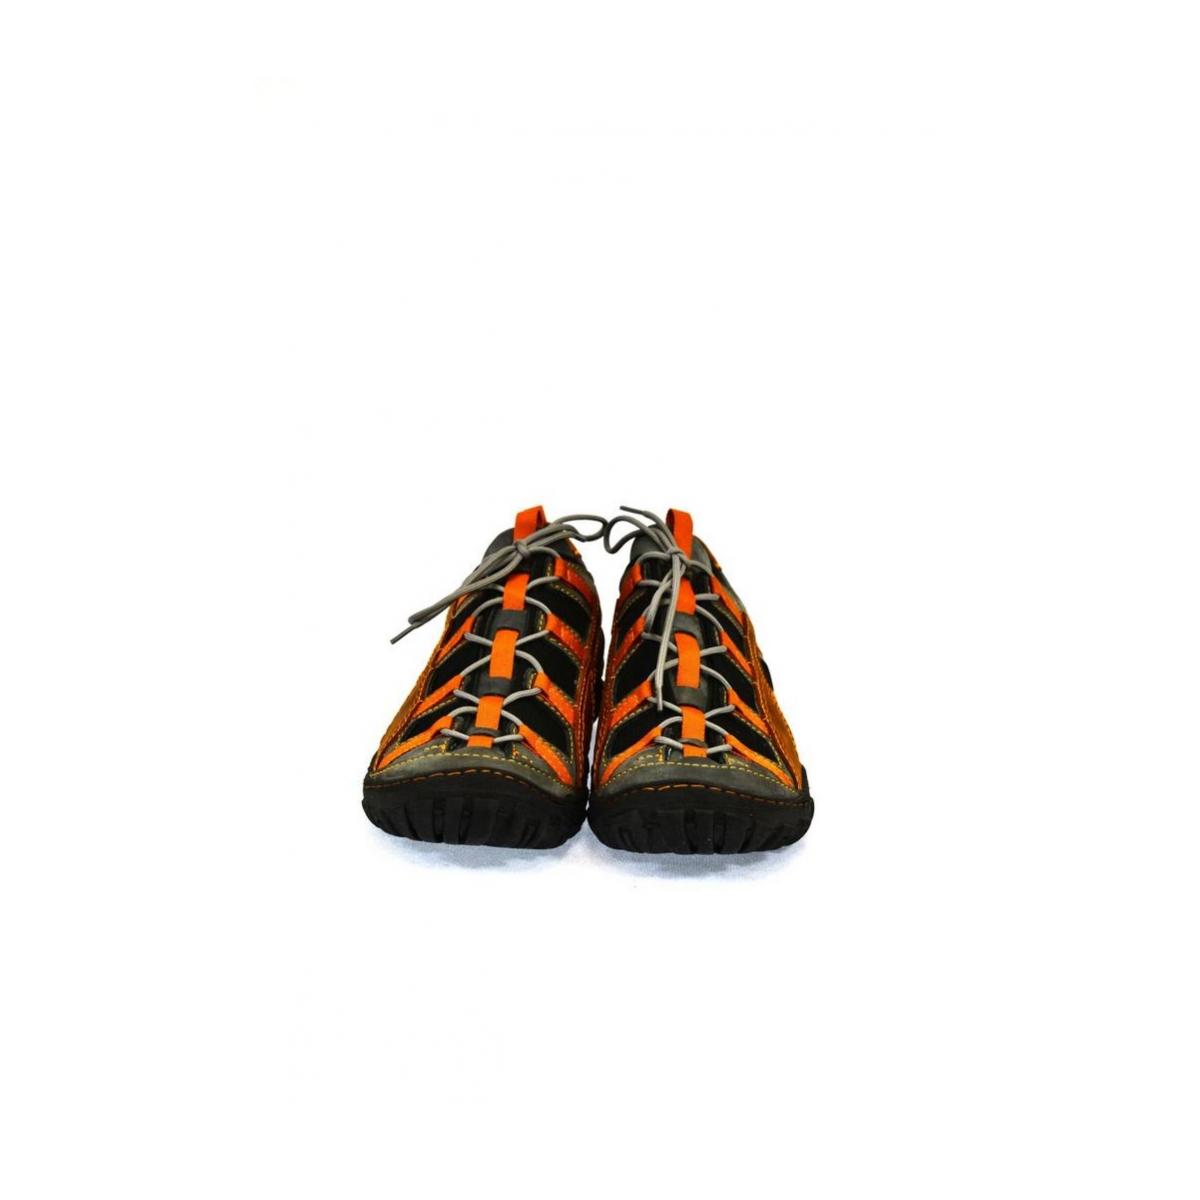 Pánske kožené sivo červené topánky VINCENZO - 4 8a70e30cb0e